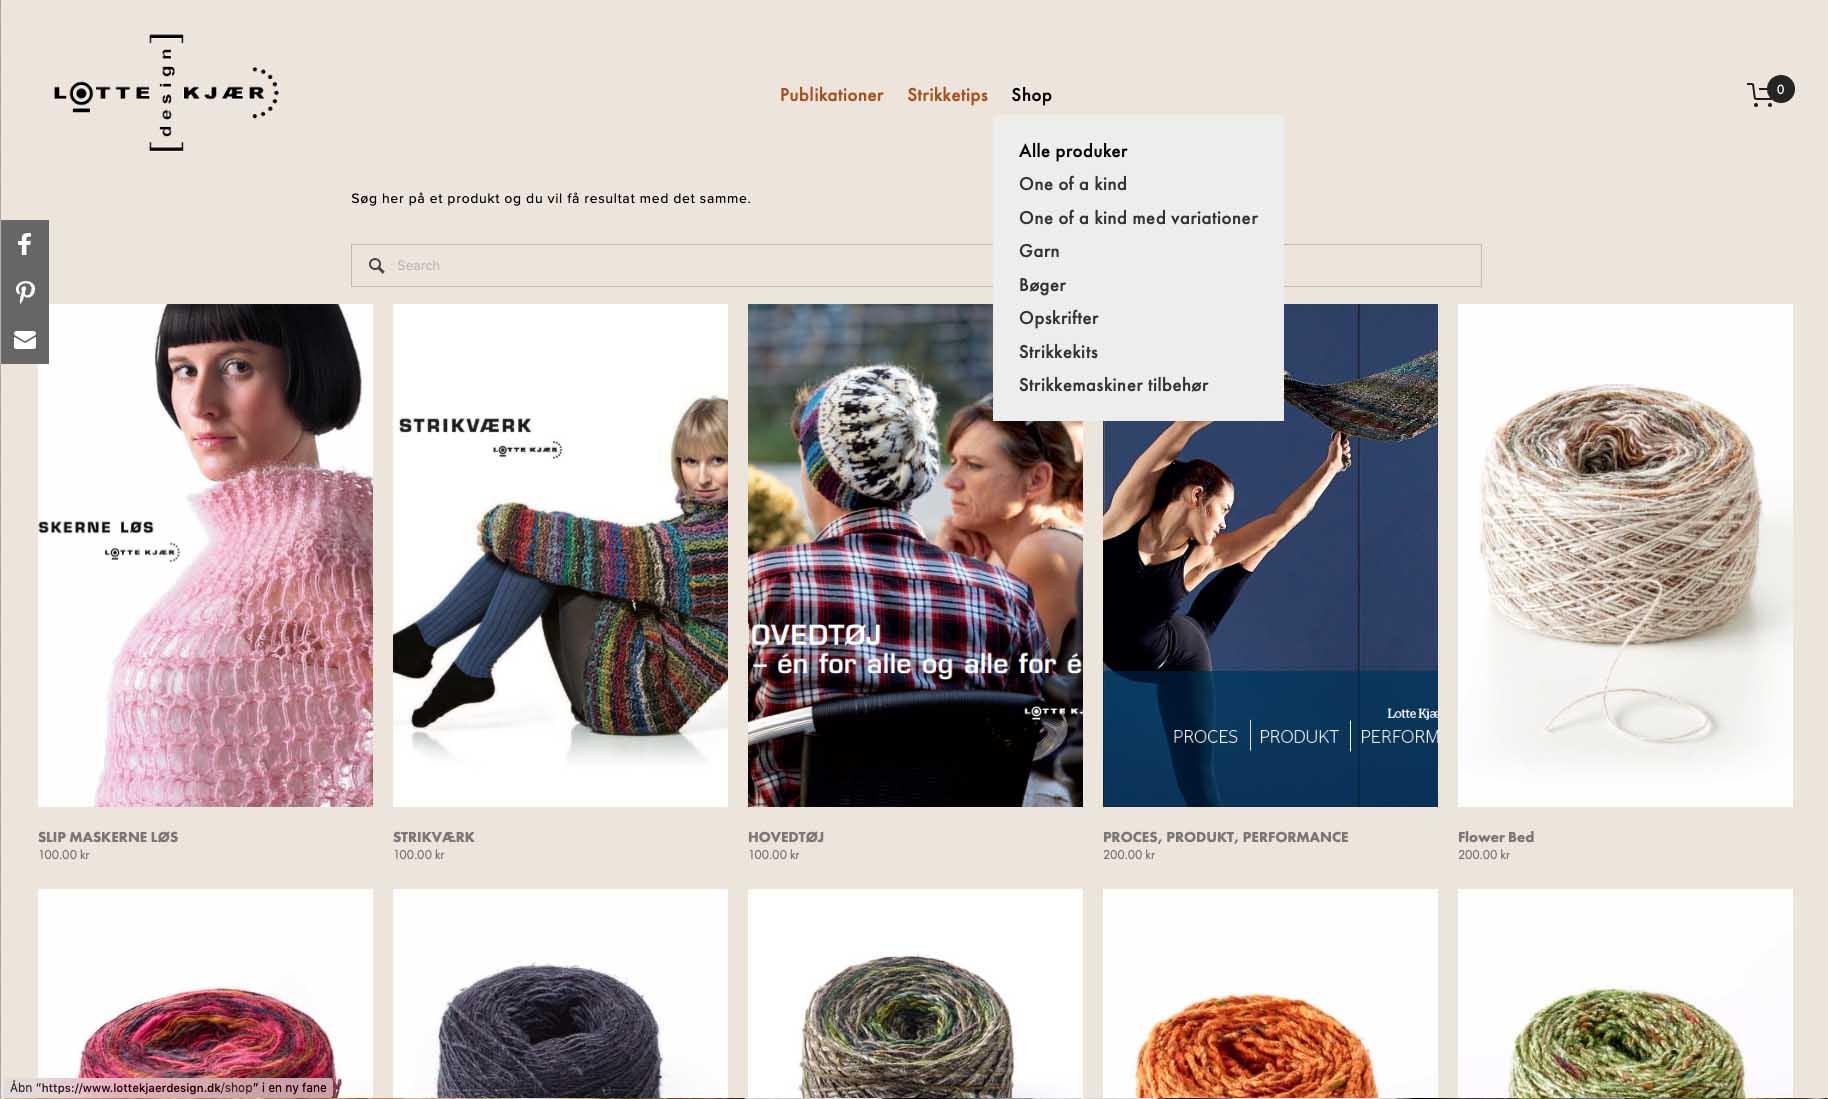 Website/-shop: Lotte Kjær Design